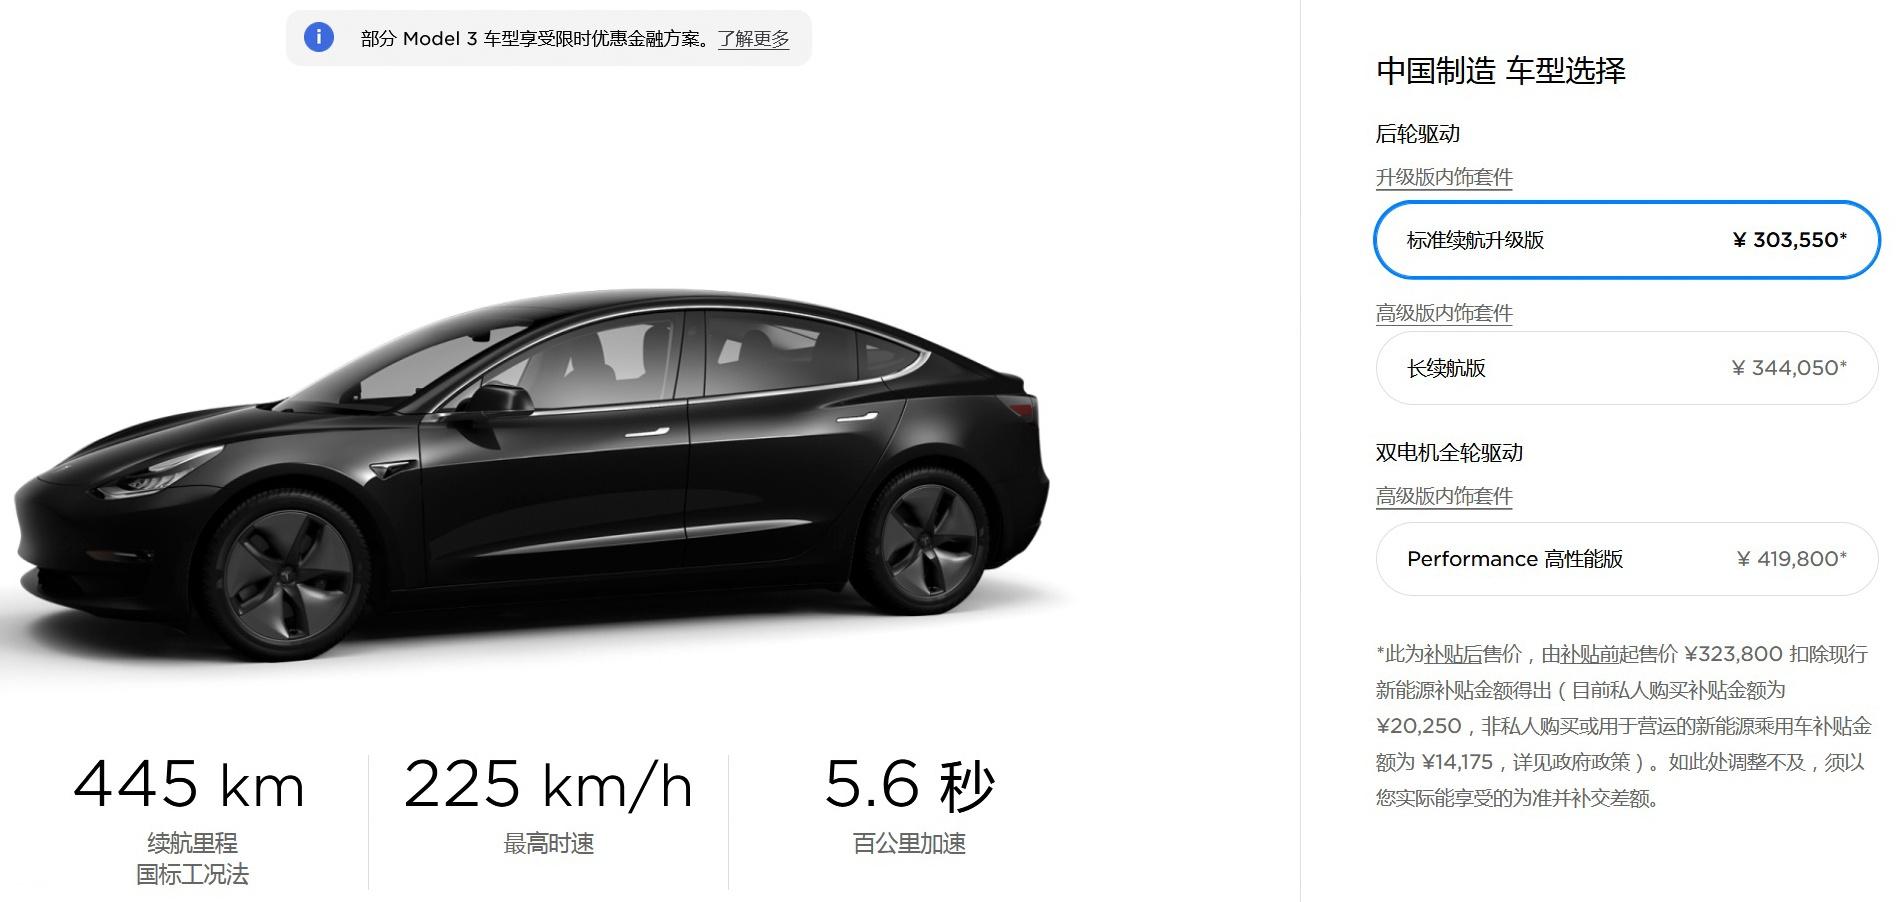 特斯拉国产Model 3 降价前价格